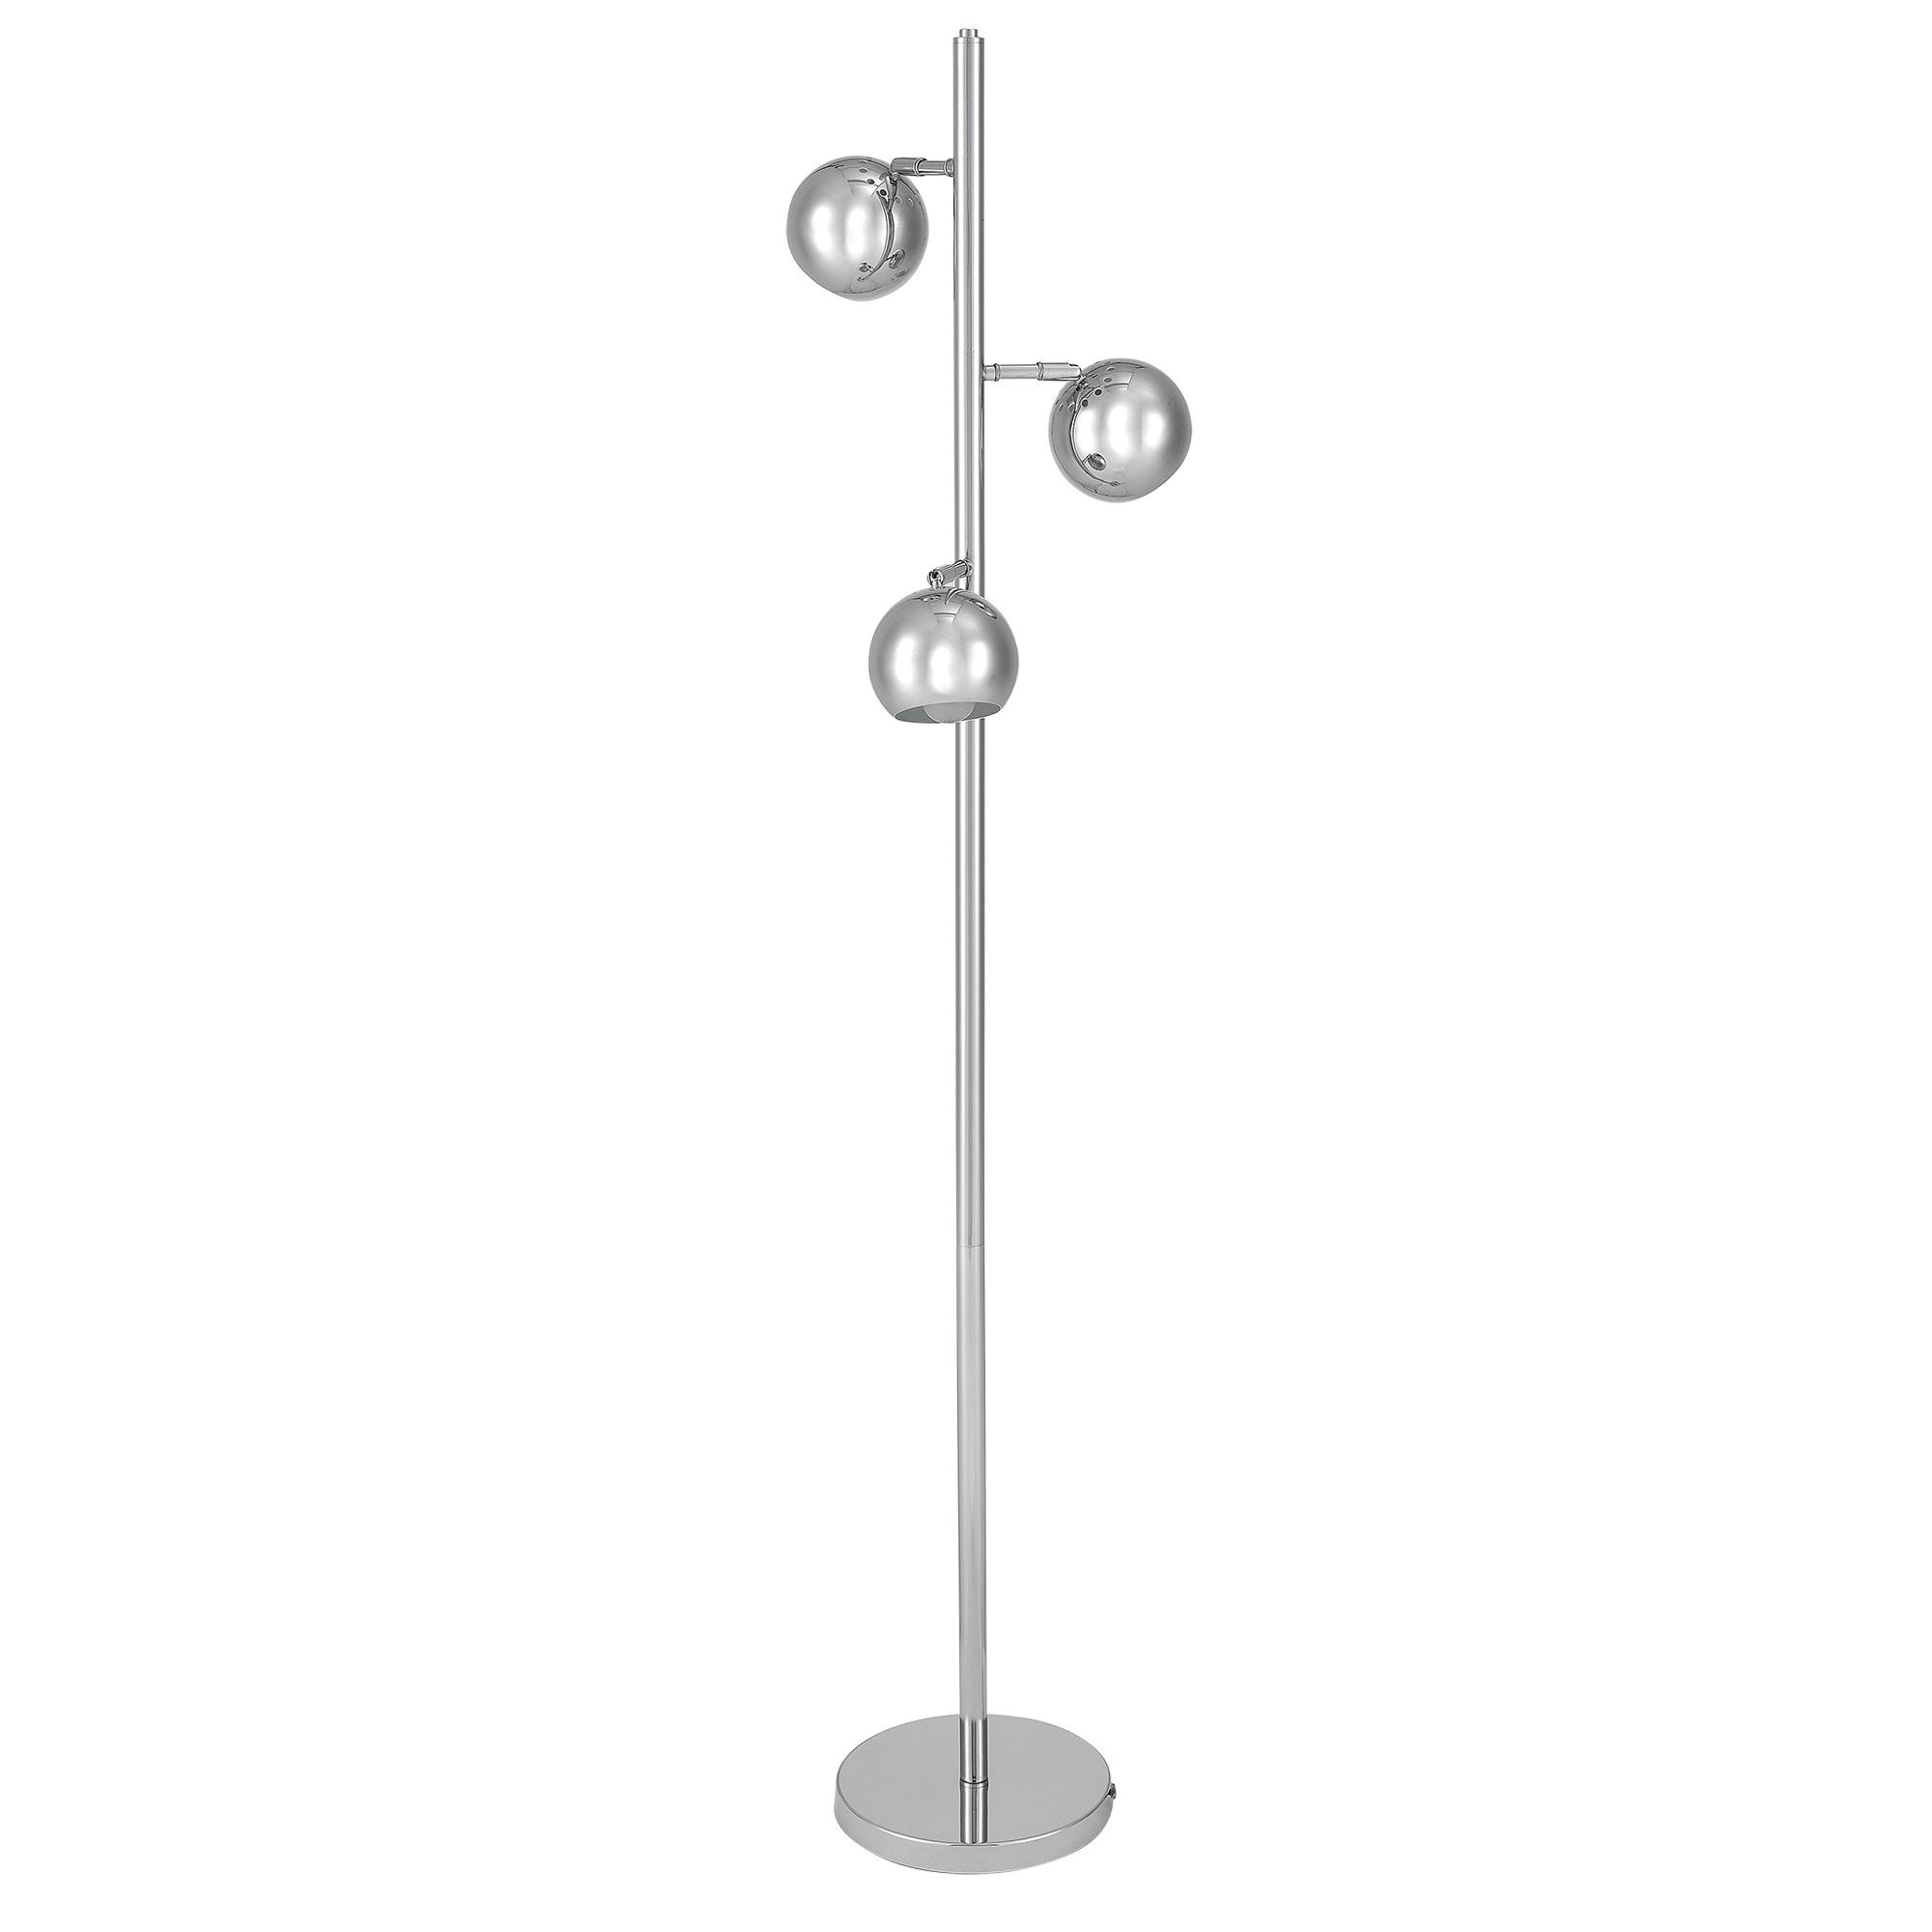 [lux.pro]® Lampa de podea eleganta – Trispot 3 x E 14 – 60W – crom